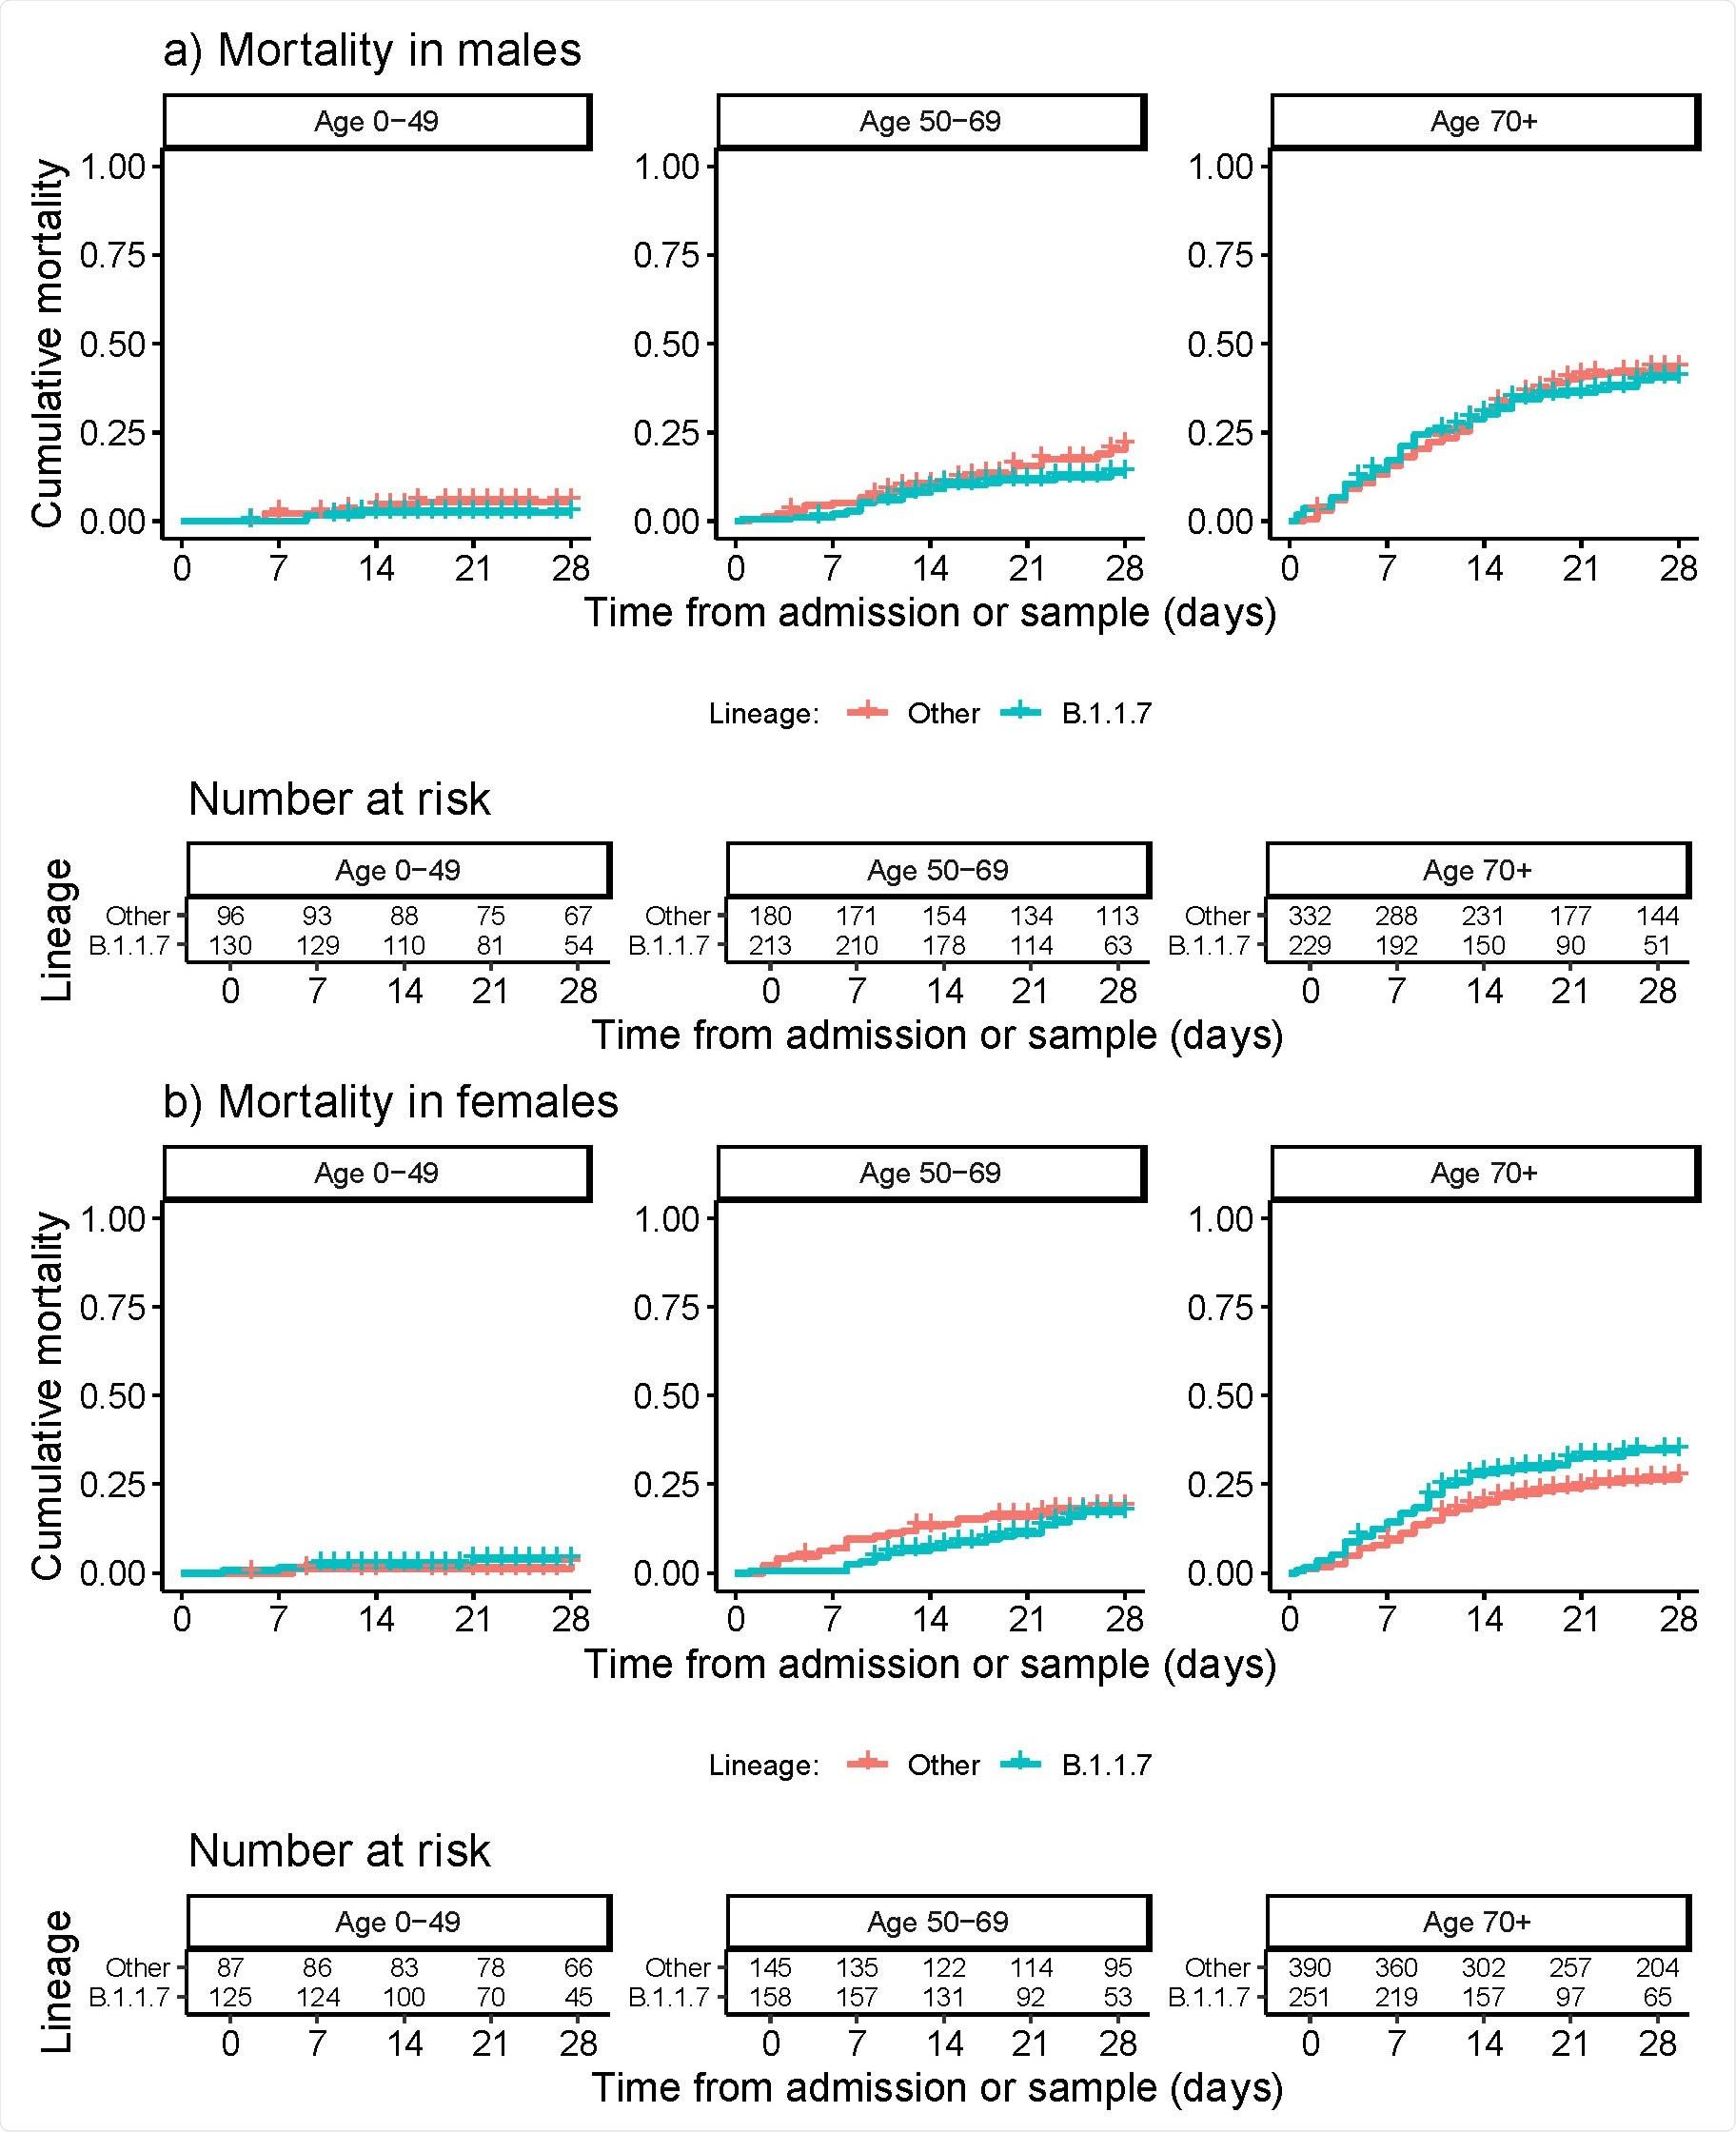 El linaje B.1.1.7 del SARS-CoV-2 se asocia con una mayor gravedad de la enfermedad entre las mujeres hospitalizadas pero no entre los hombres